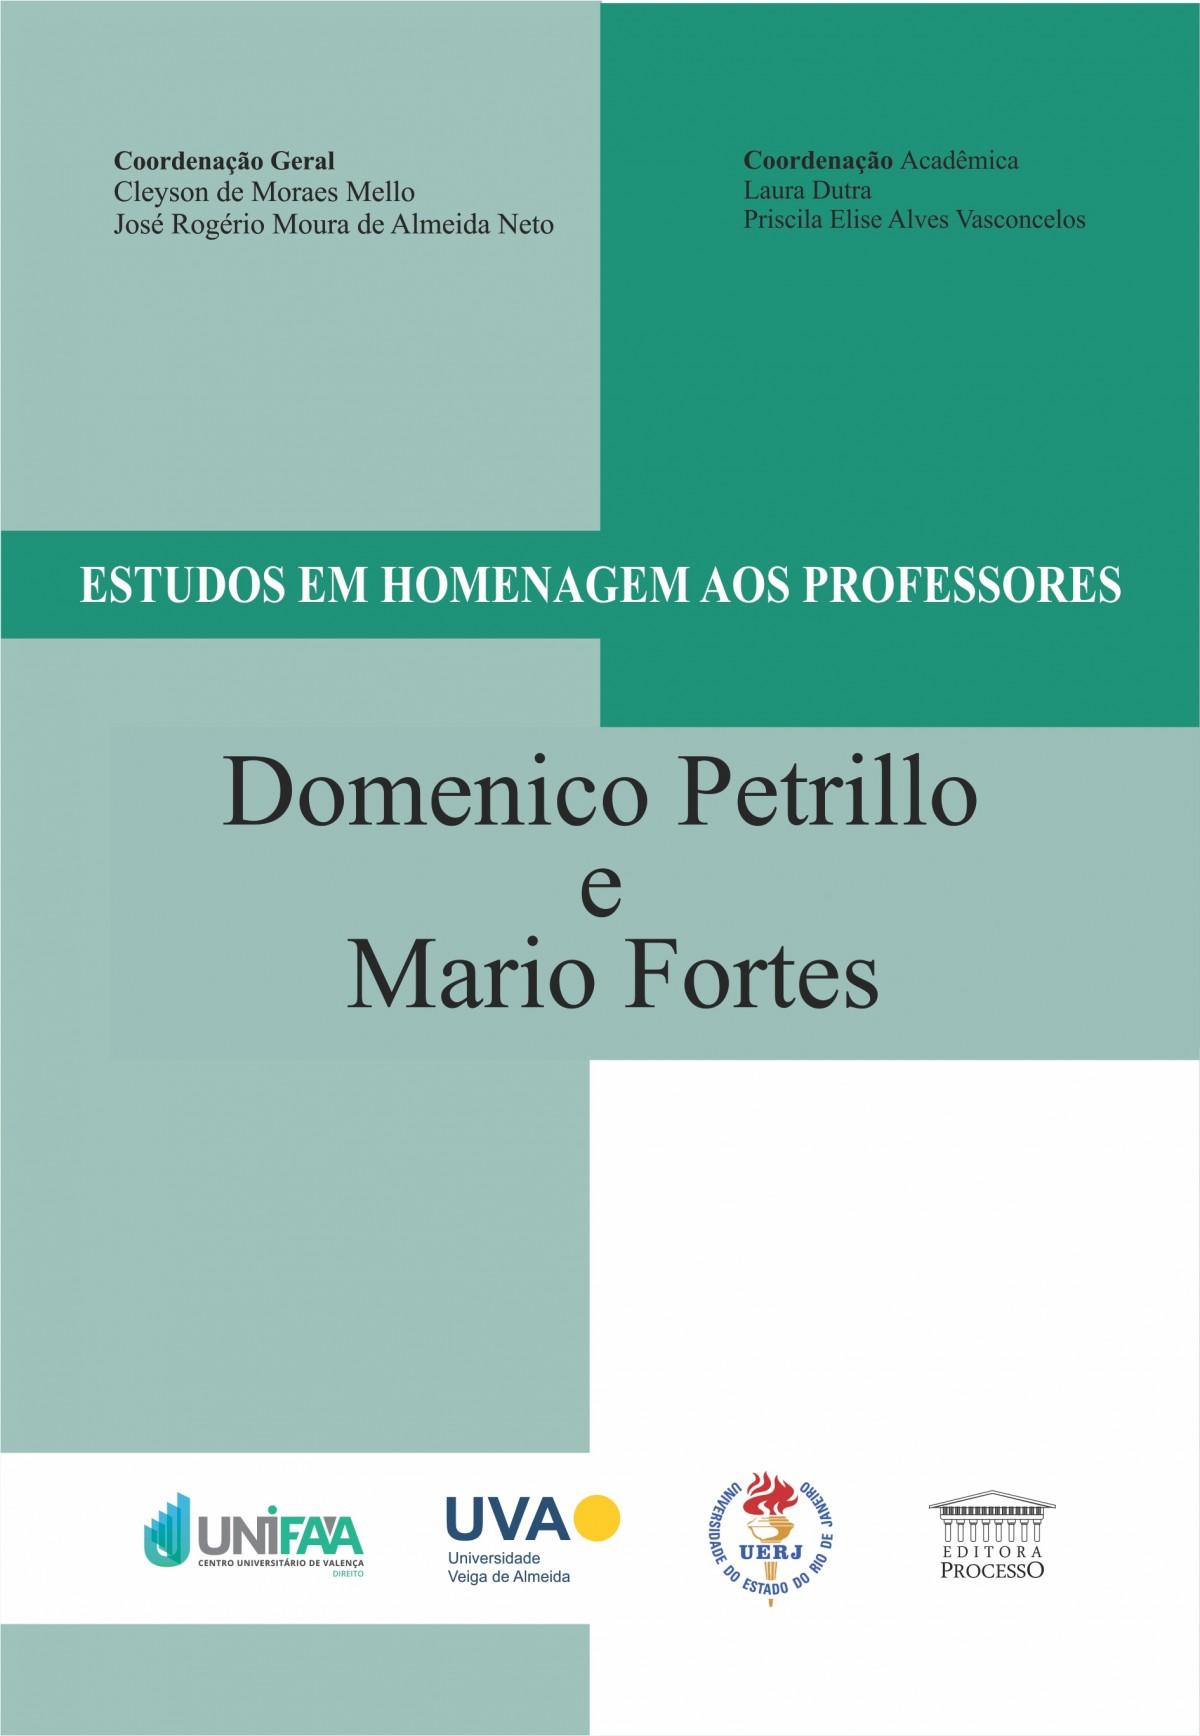 Foto 1 - Estudos em homenagem aos Professores Domenico Petrillo e Mario Fortes